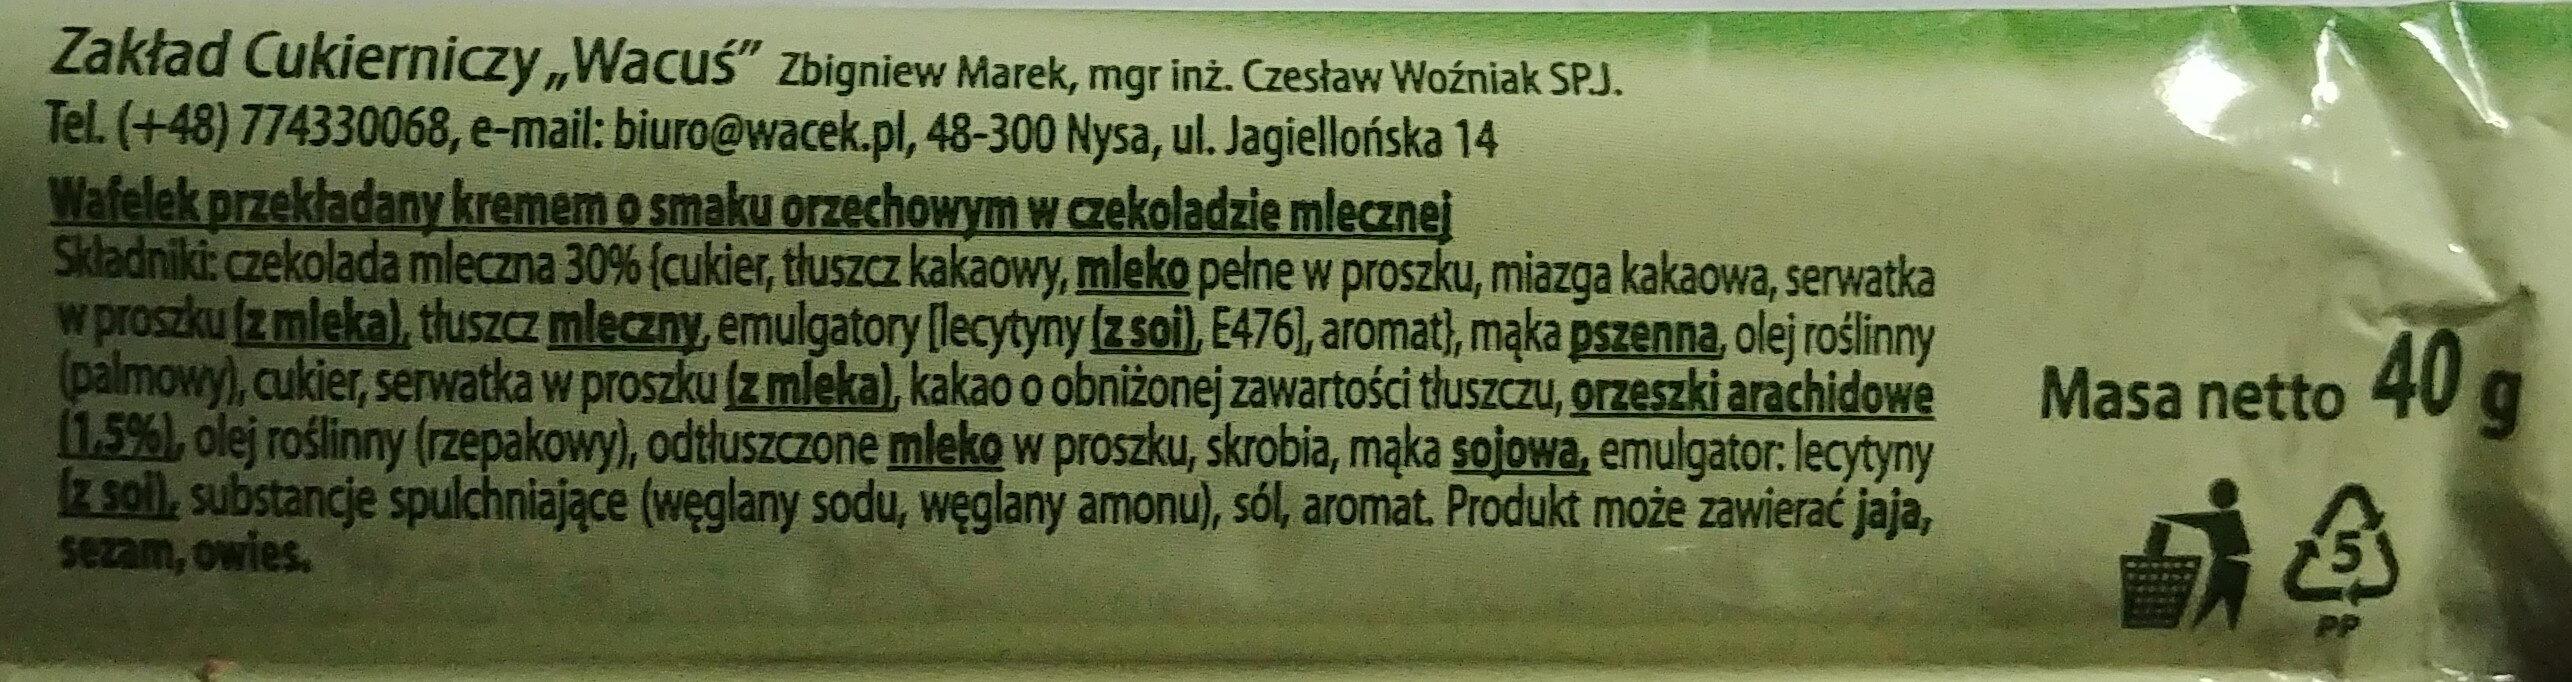 Wafelek o smaku orzechowym w czekoladzie - Ingrédients - pl